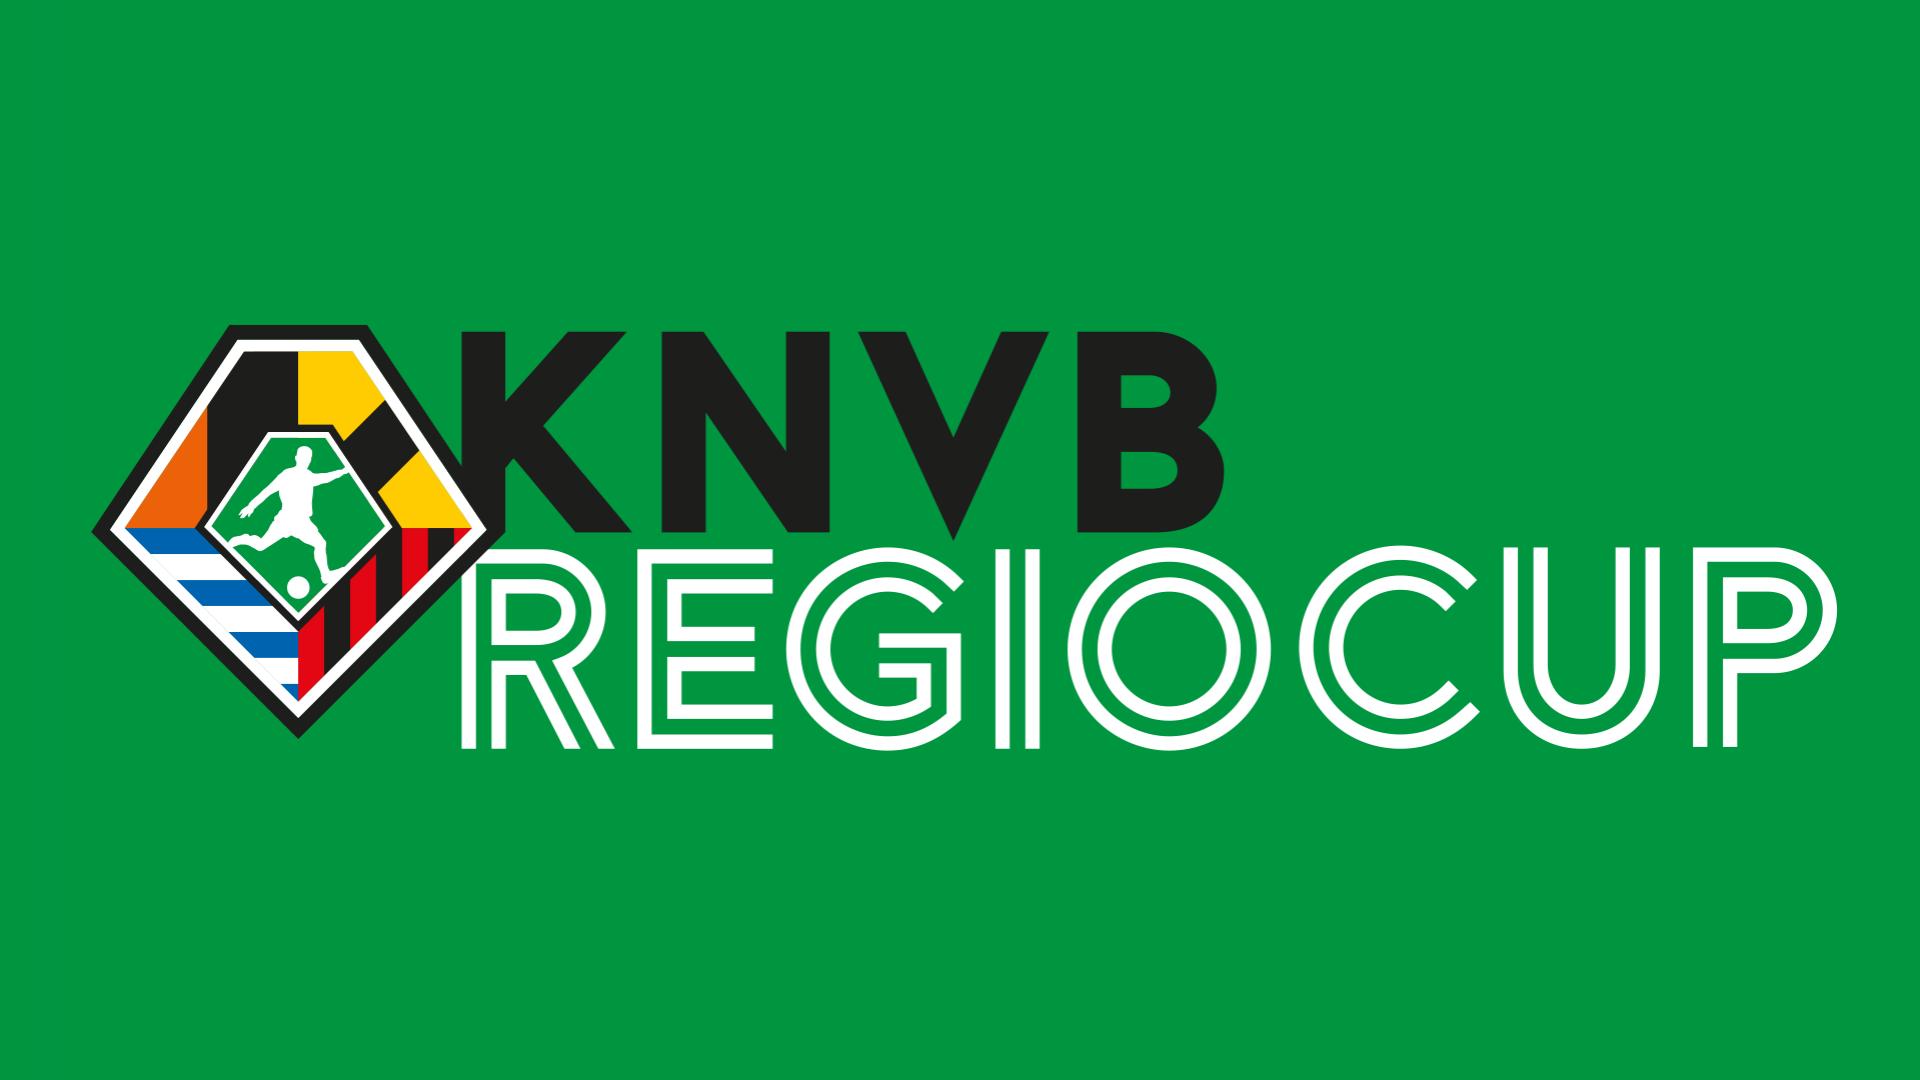 Indeling Regiocup bekendgemaakt door de KNVB